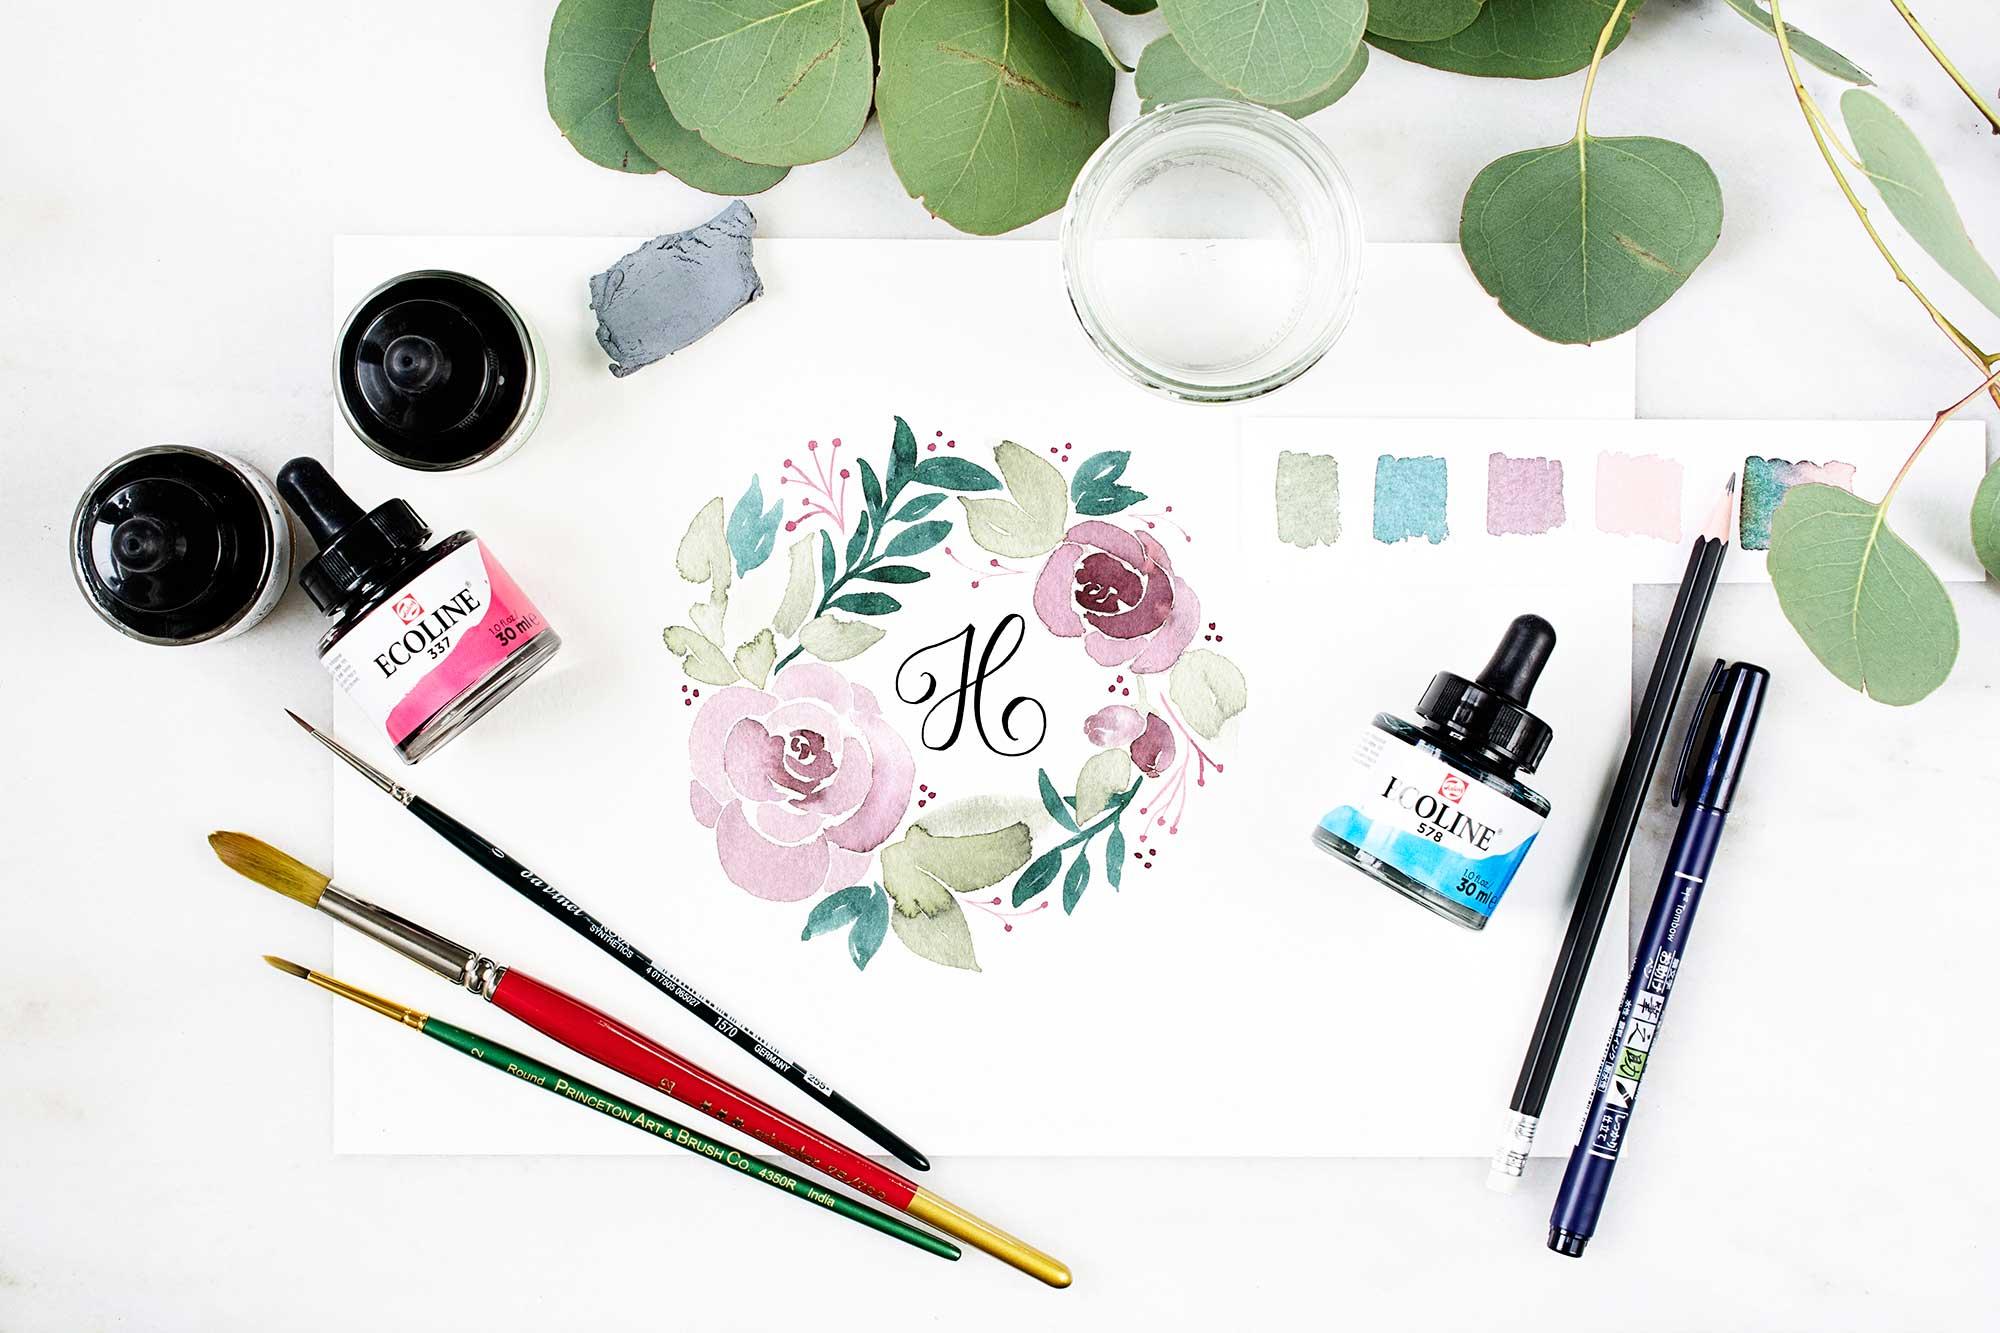 Monogramm blumenkranz watercolor farbe mischen katja haas papierliebe - Altrosa wandfarbe mischen ...